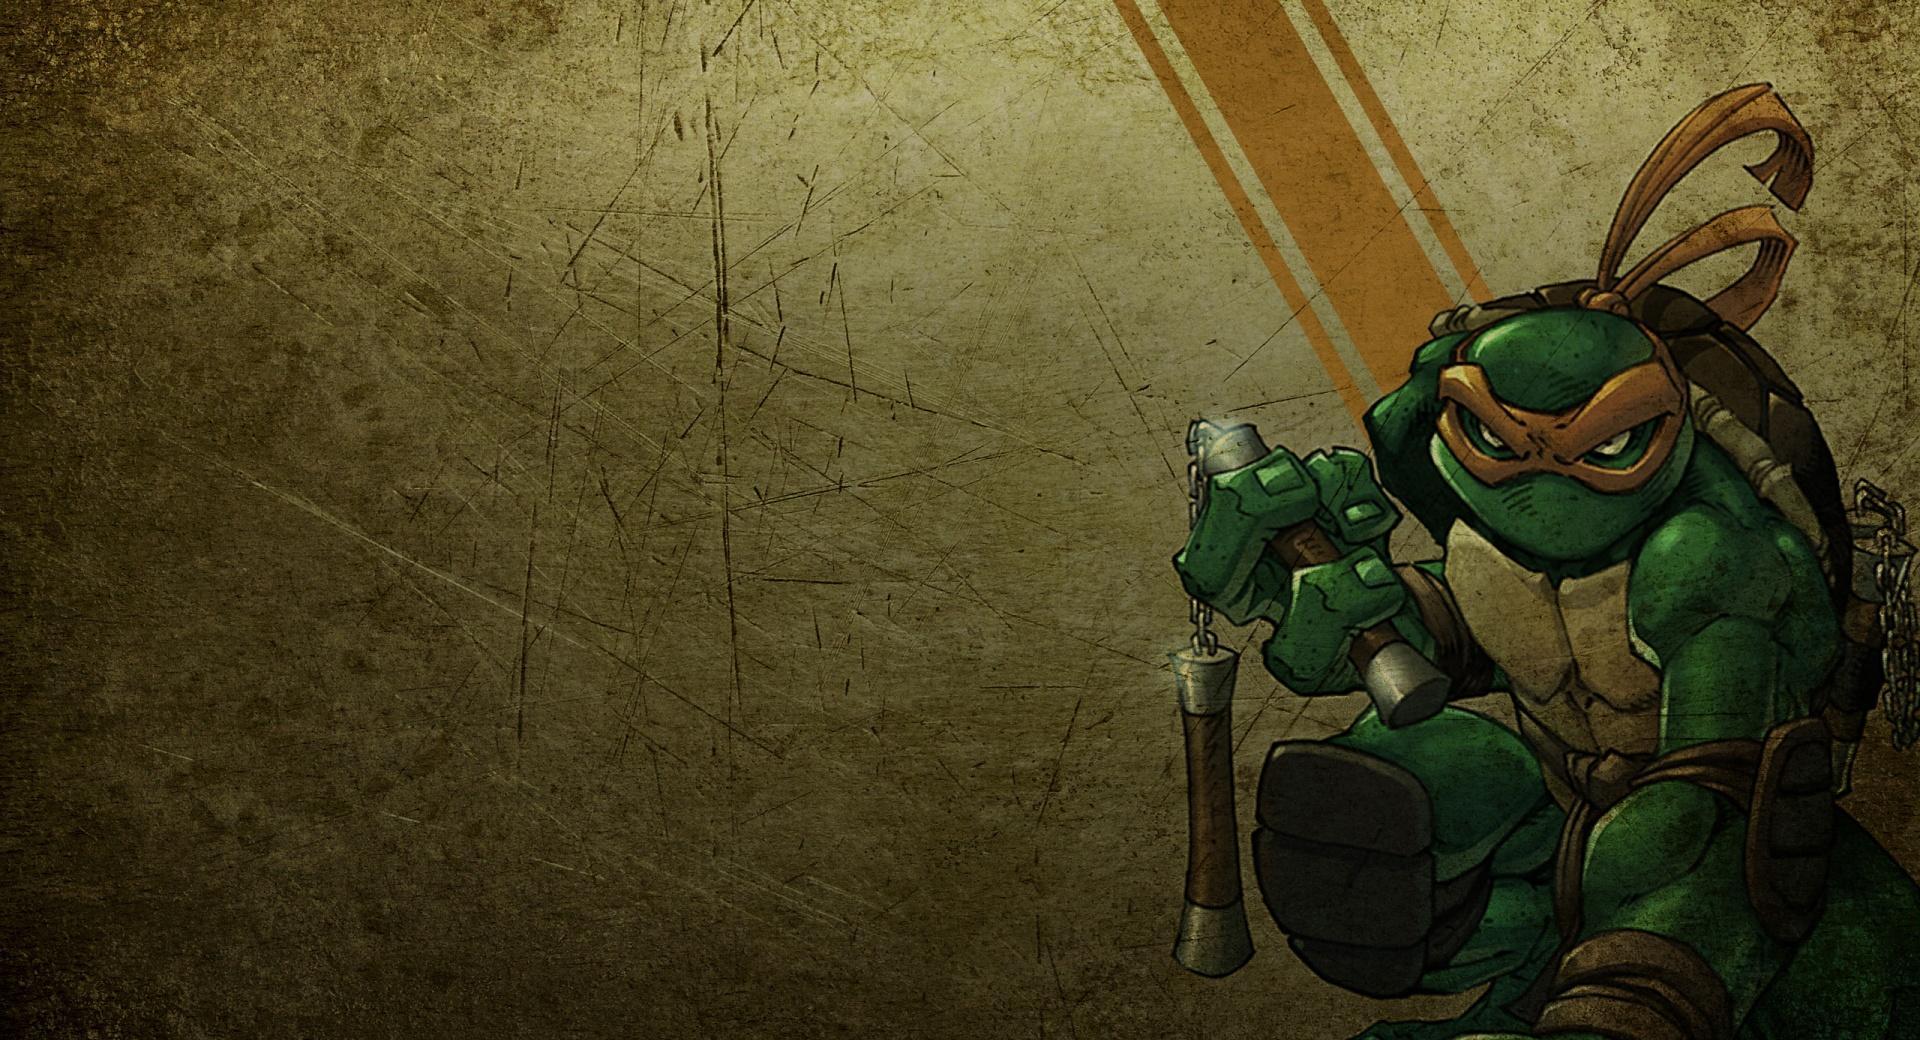 Michelangelo  Teenage Mutant Ninja Turtles wallpapers HD quality